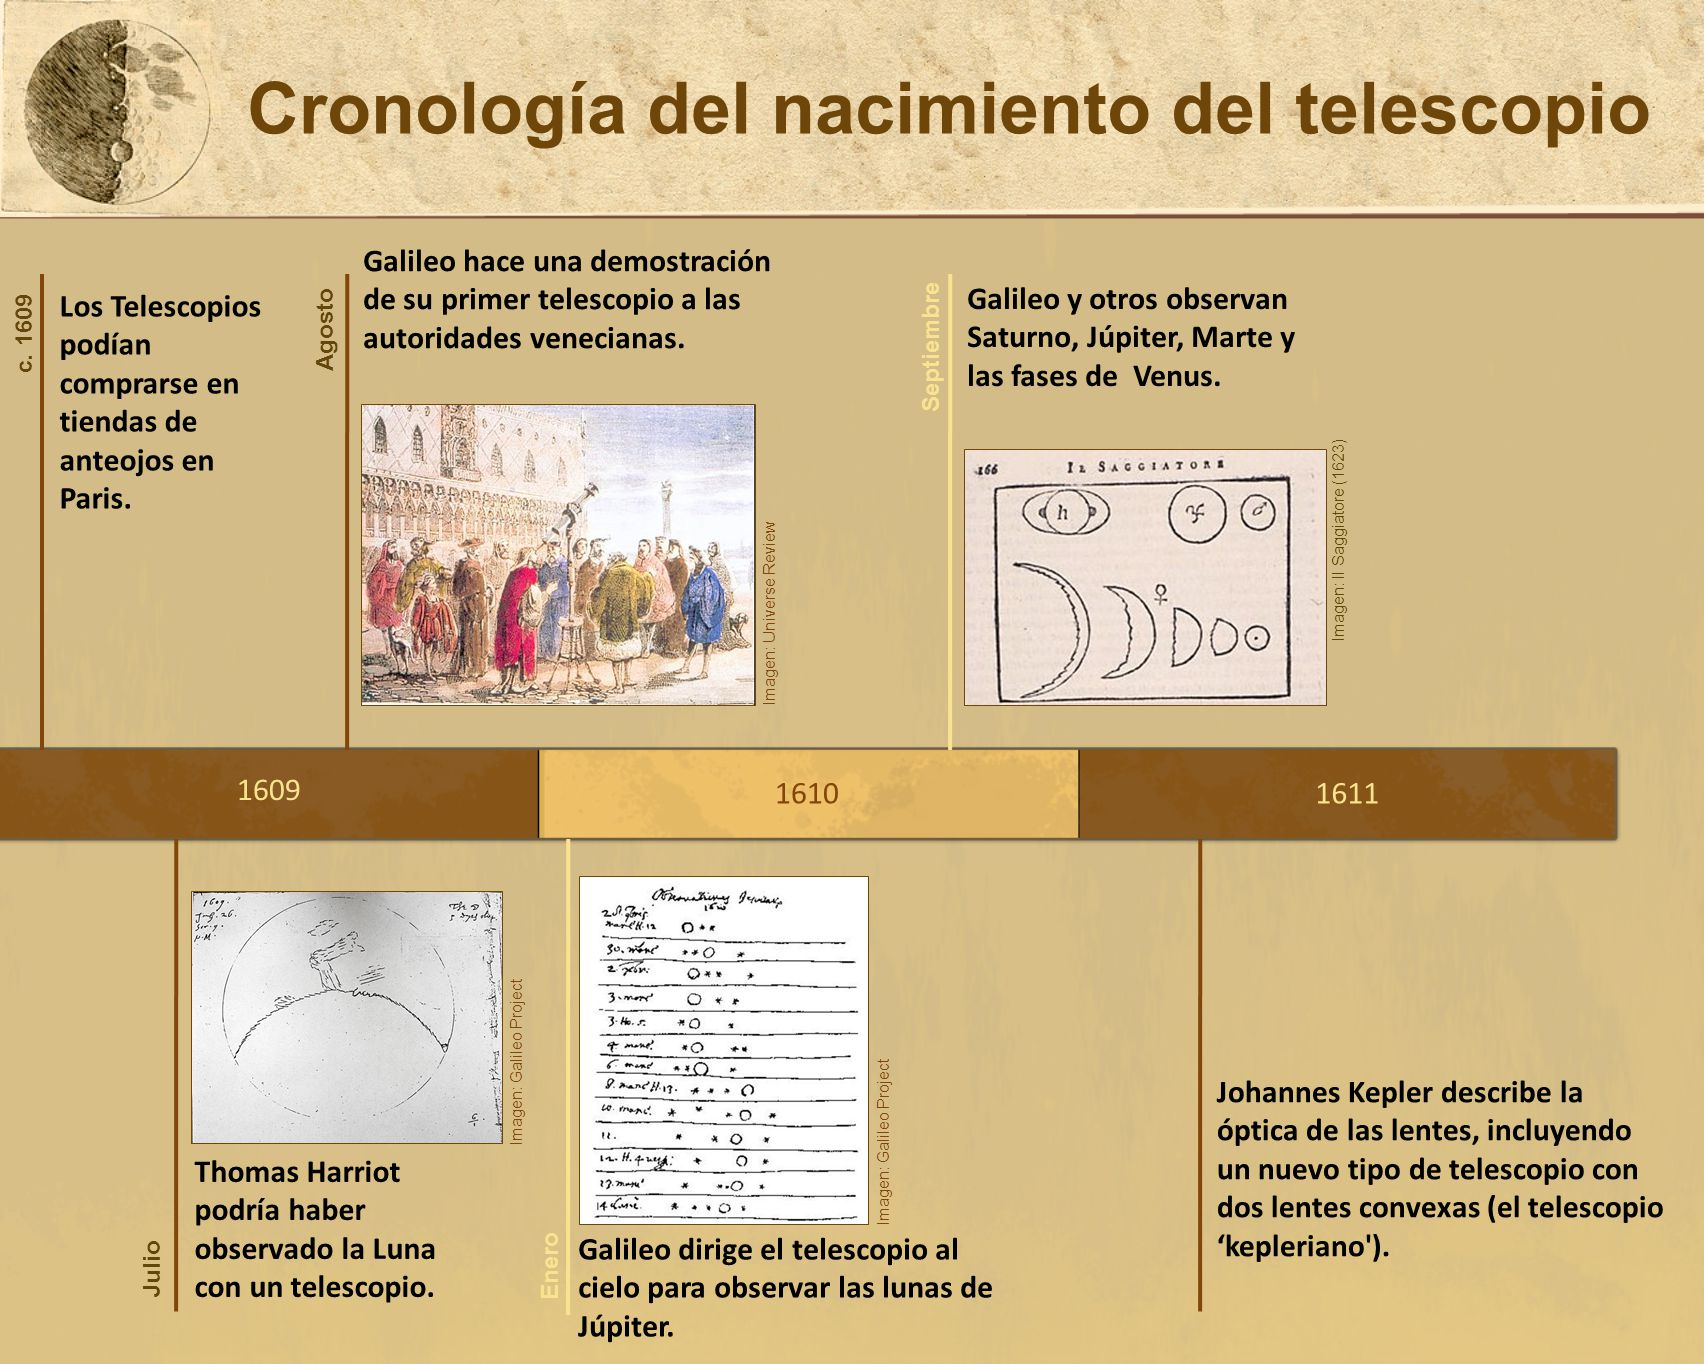 Cronología del nacimiento del telescopio